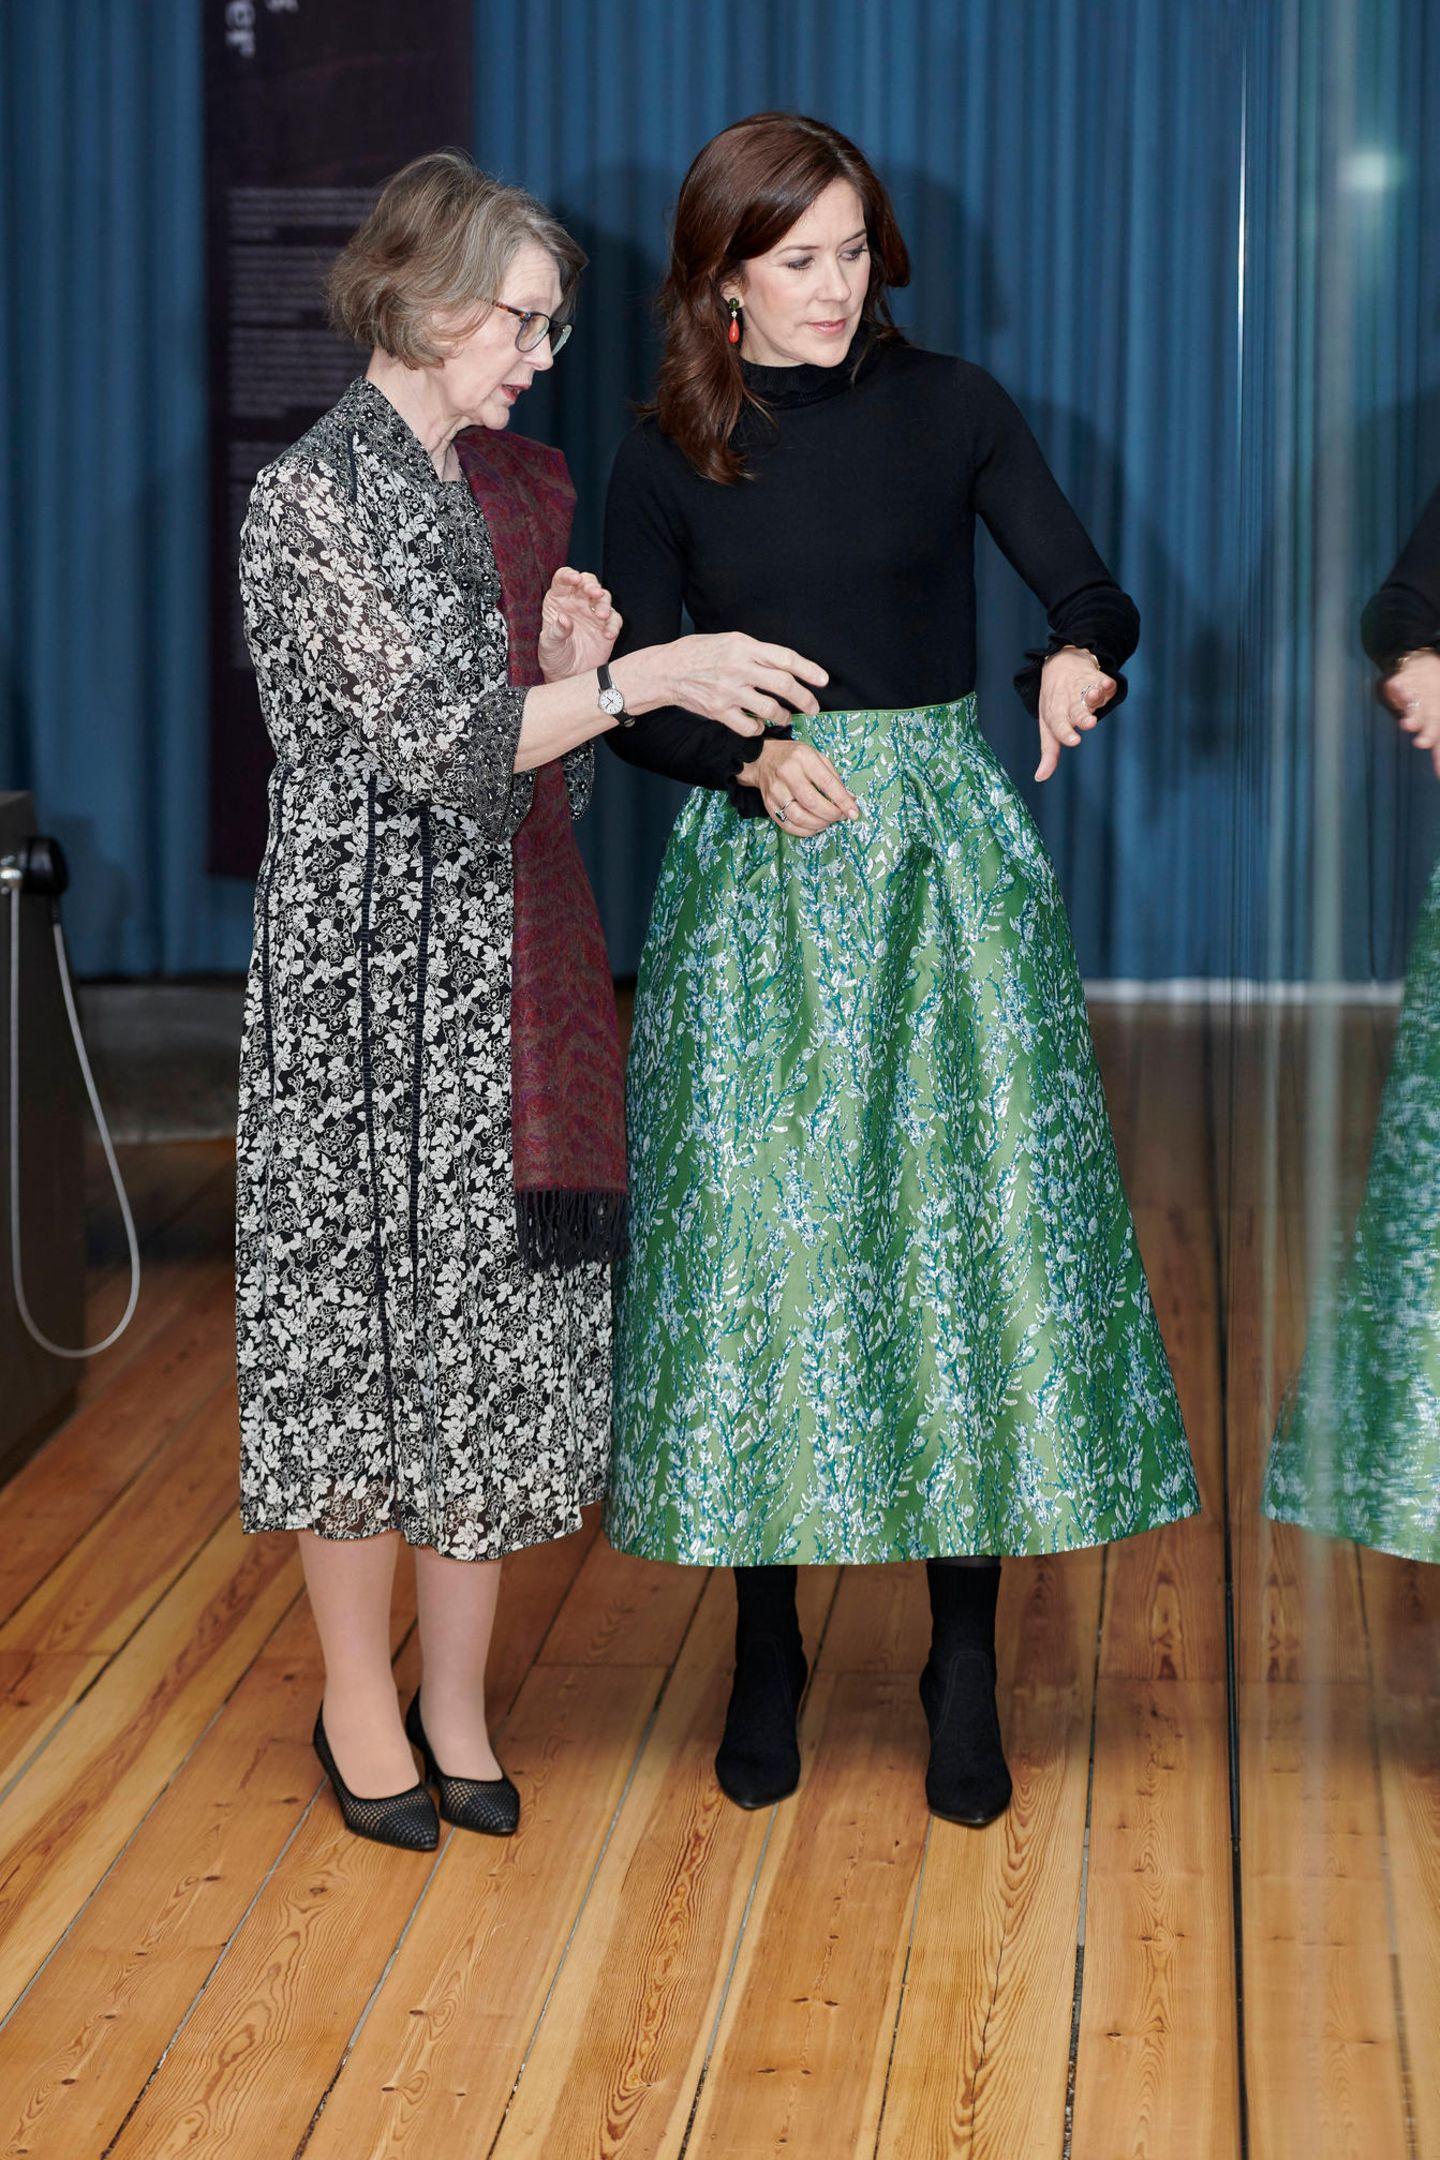 Prinzessin Mary zieht in einem glänzend-grünen Rock mit floralem Muster alle Blicke auf sich. Zu dem It-Piece von H&M kombiniert sie schwarze Stiefeletten und einen schwarzen Rollkragenpullover.